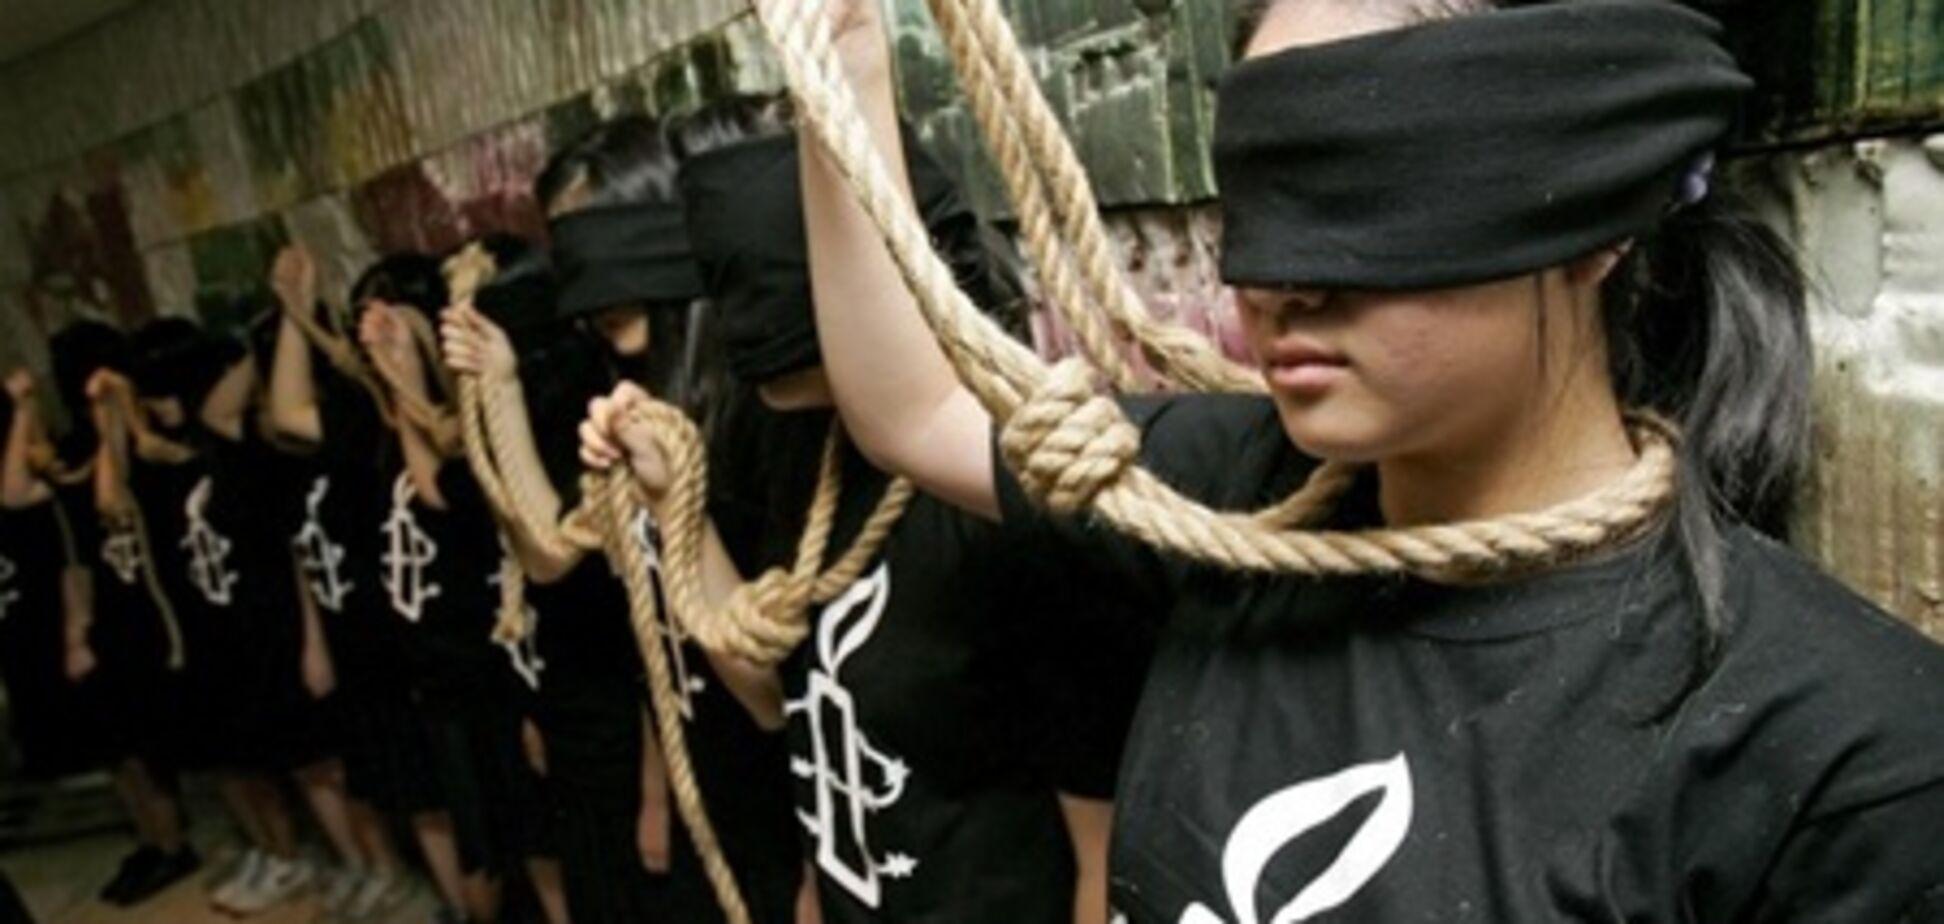 Смертні страти в світі: обезголовити, забити камінням, повісити